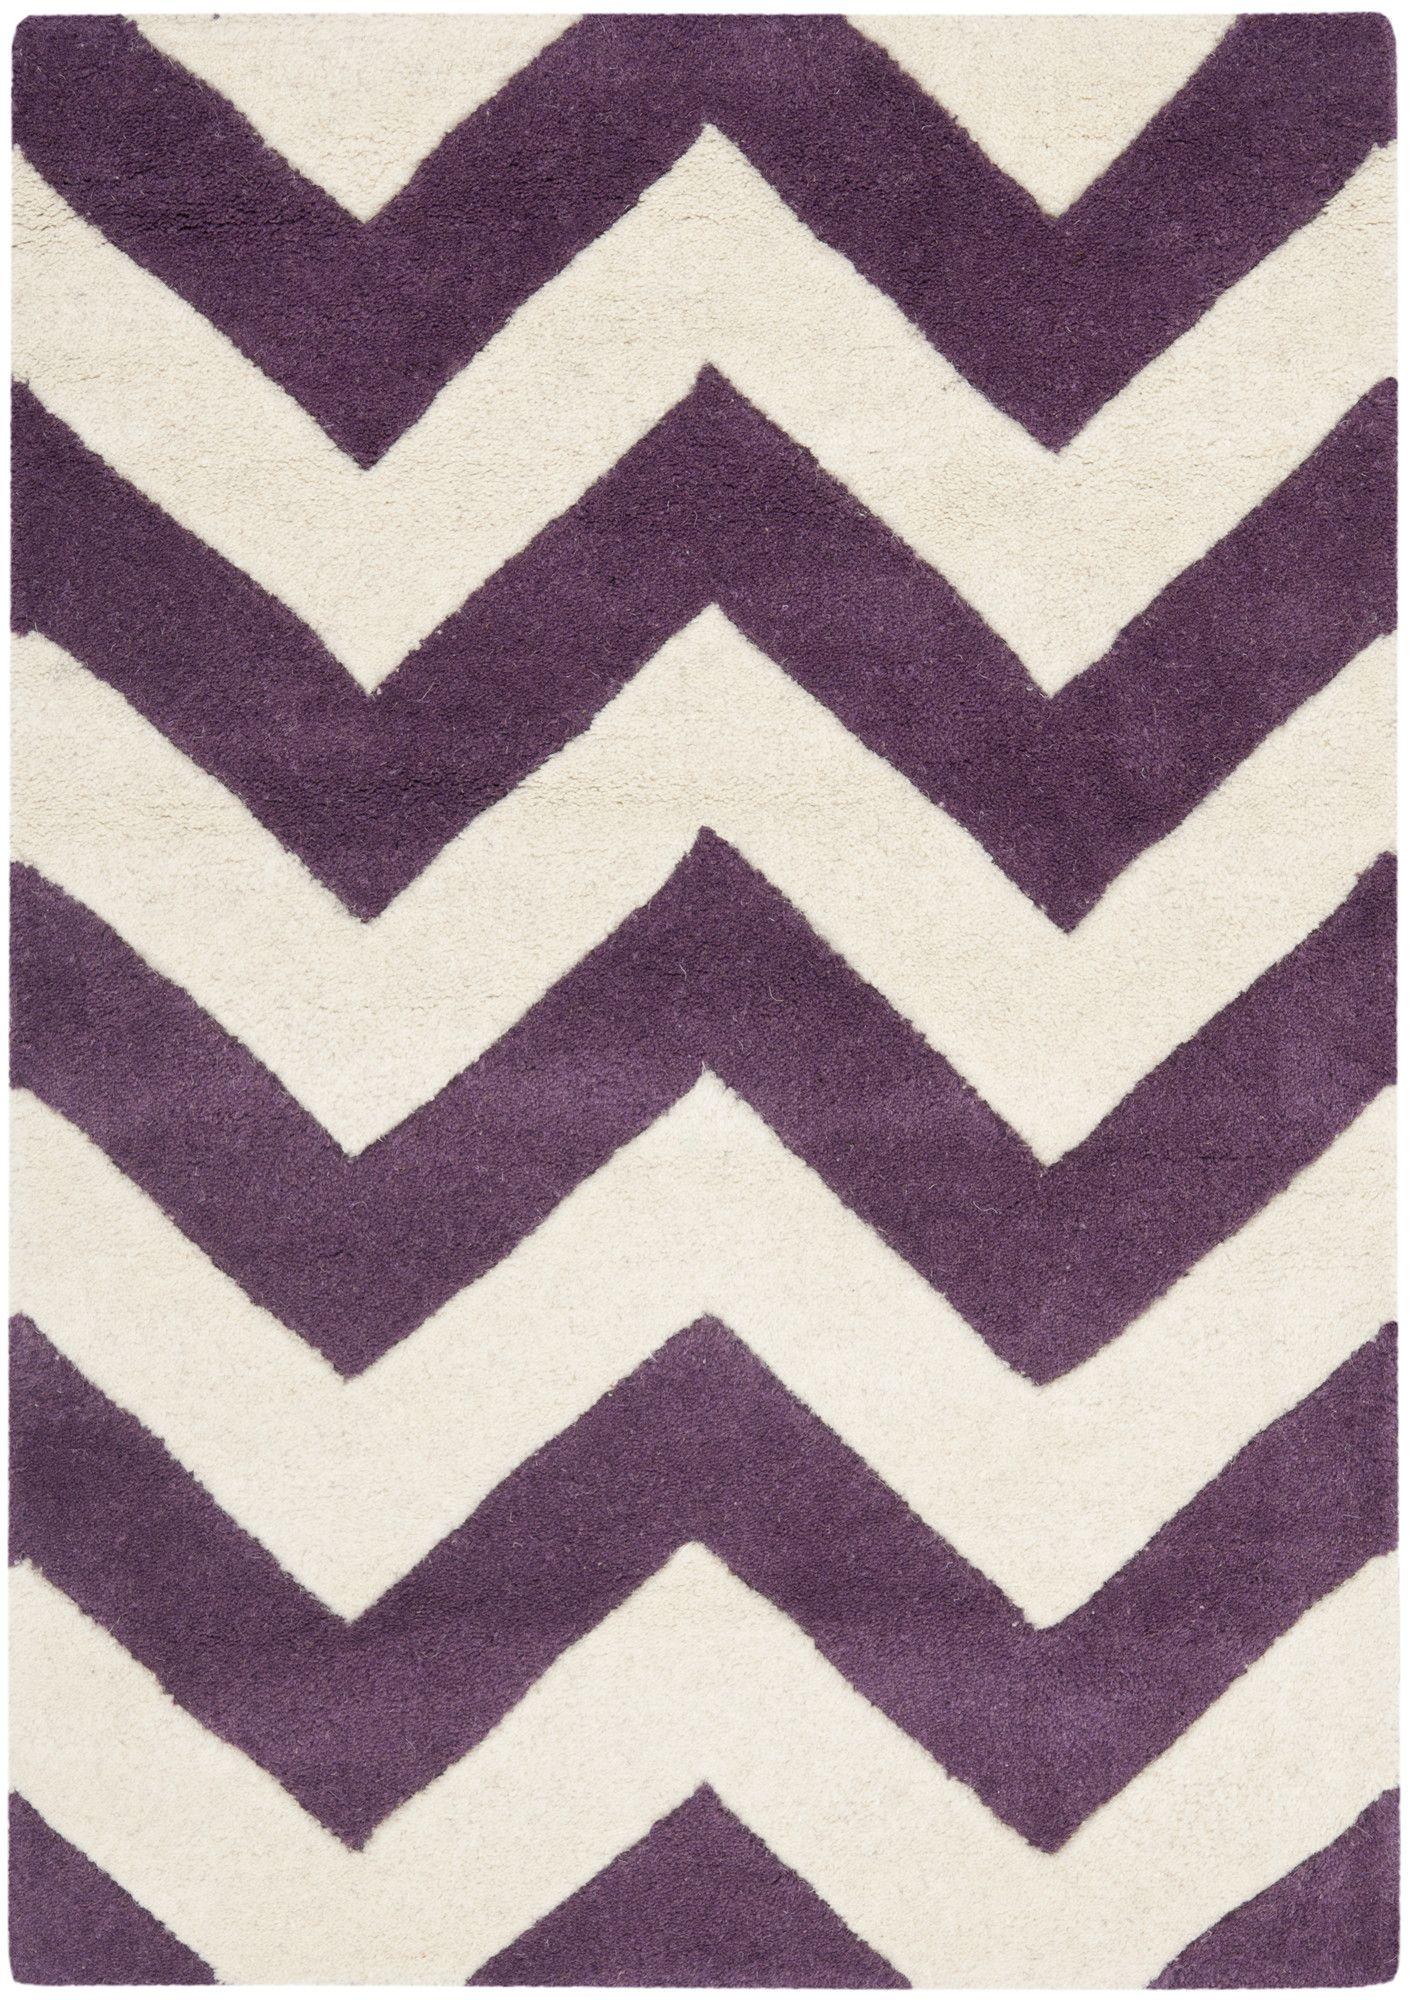 Purple Rugs With Geometric Patterns Purple Bedroom Ideas Patterned Carpet Black Area Rugs Purple Rug